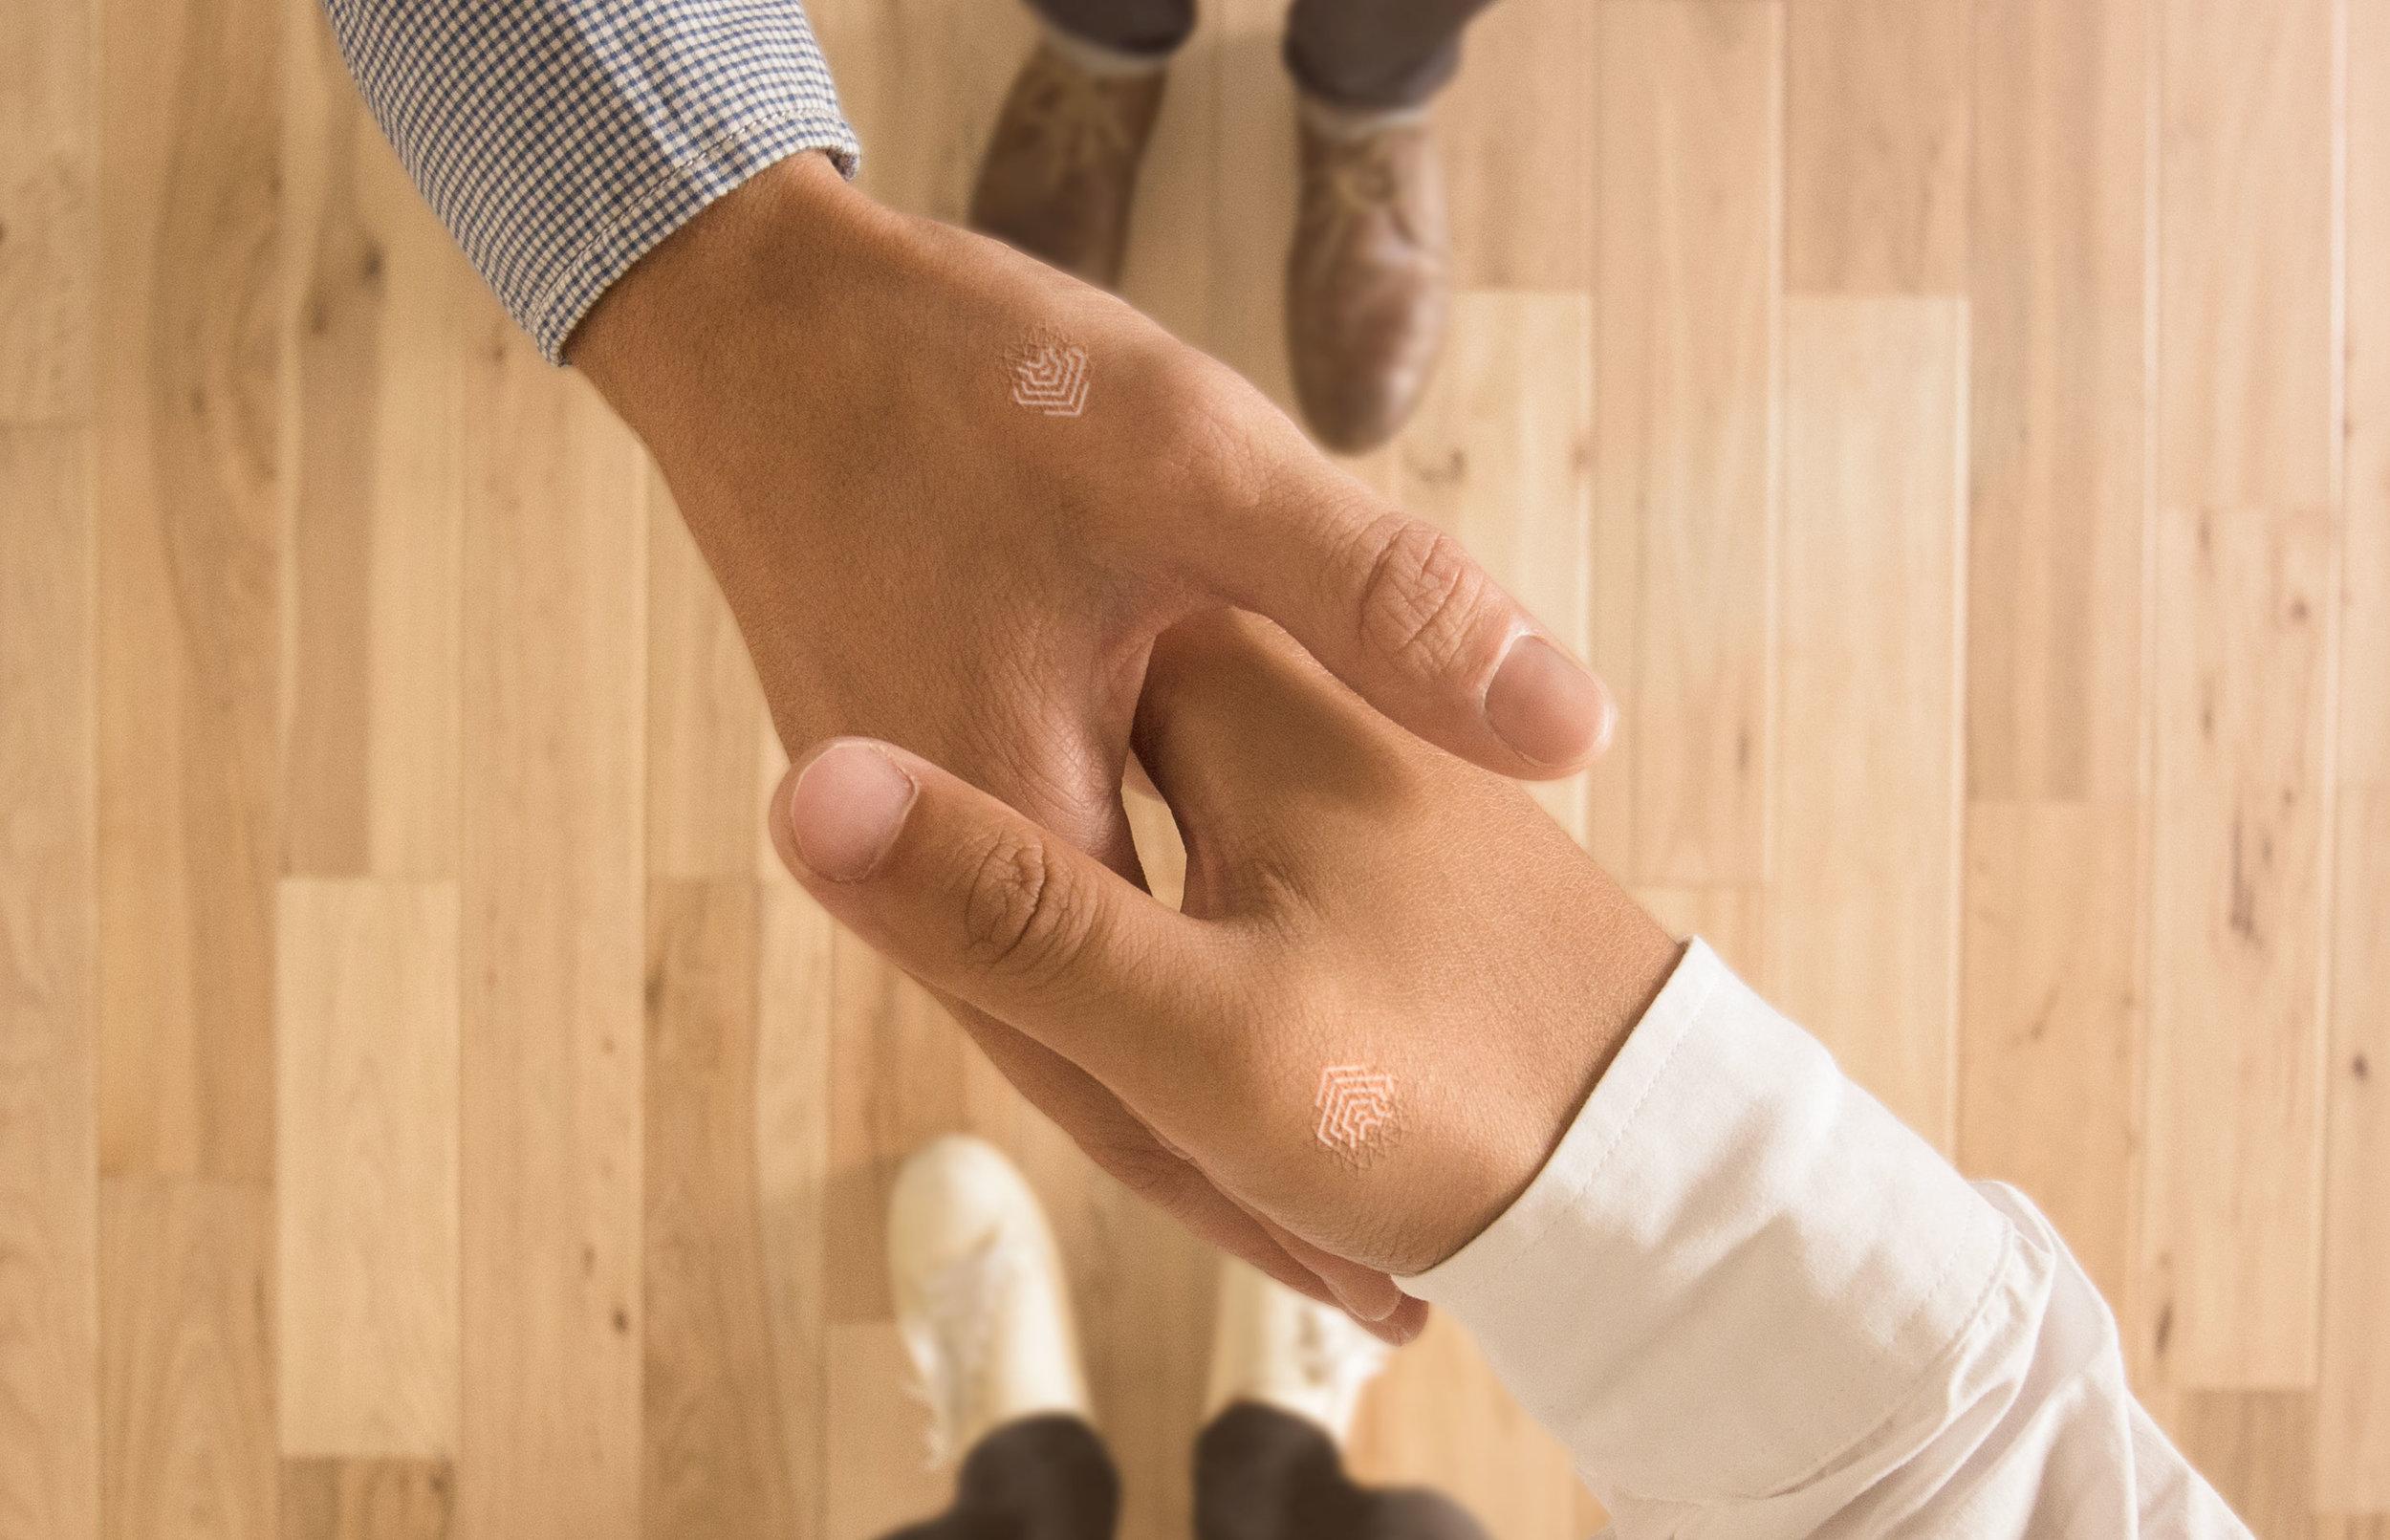 underskin_handshake.jpg